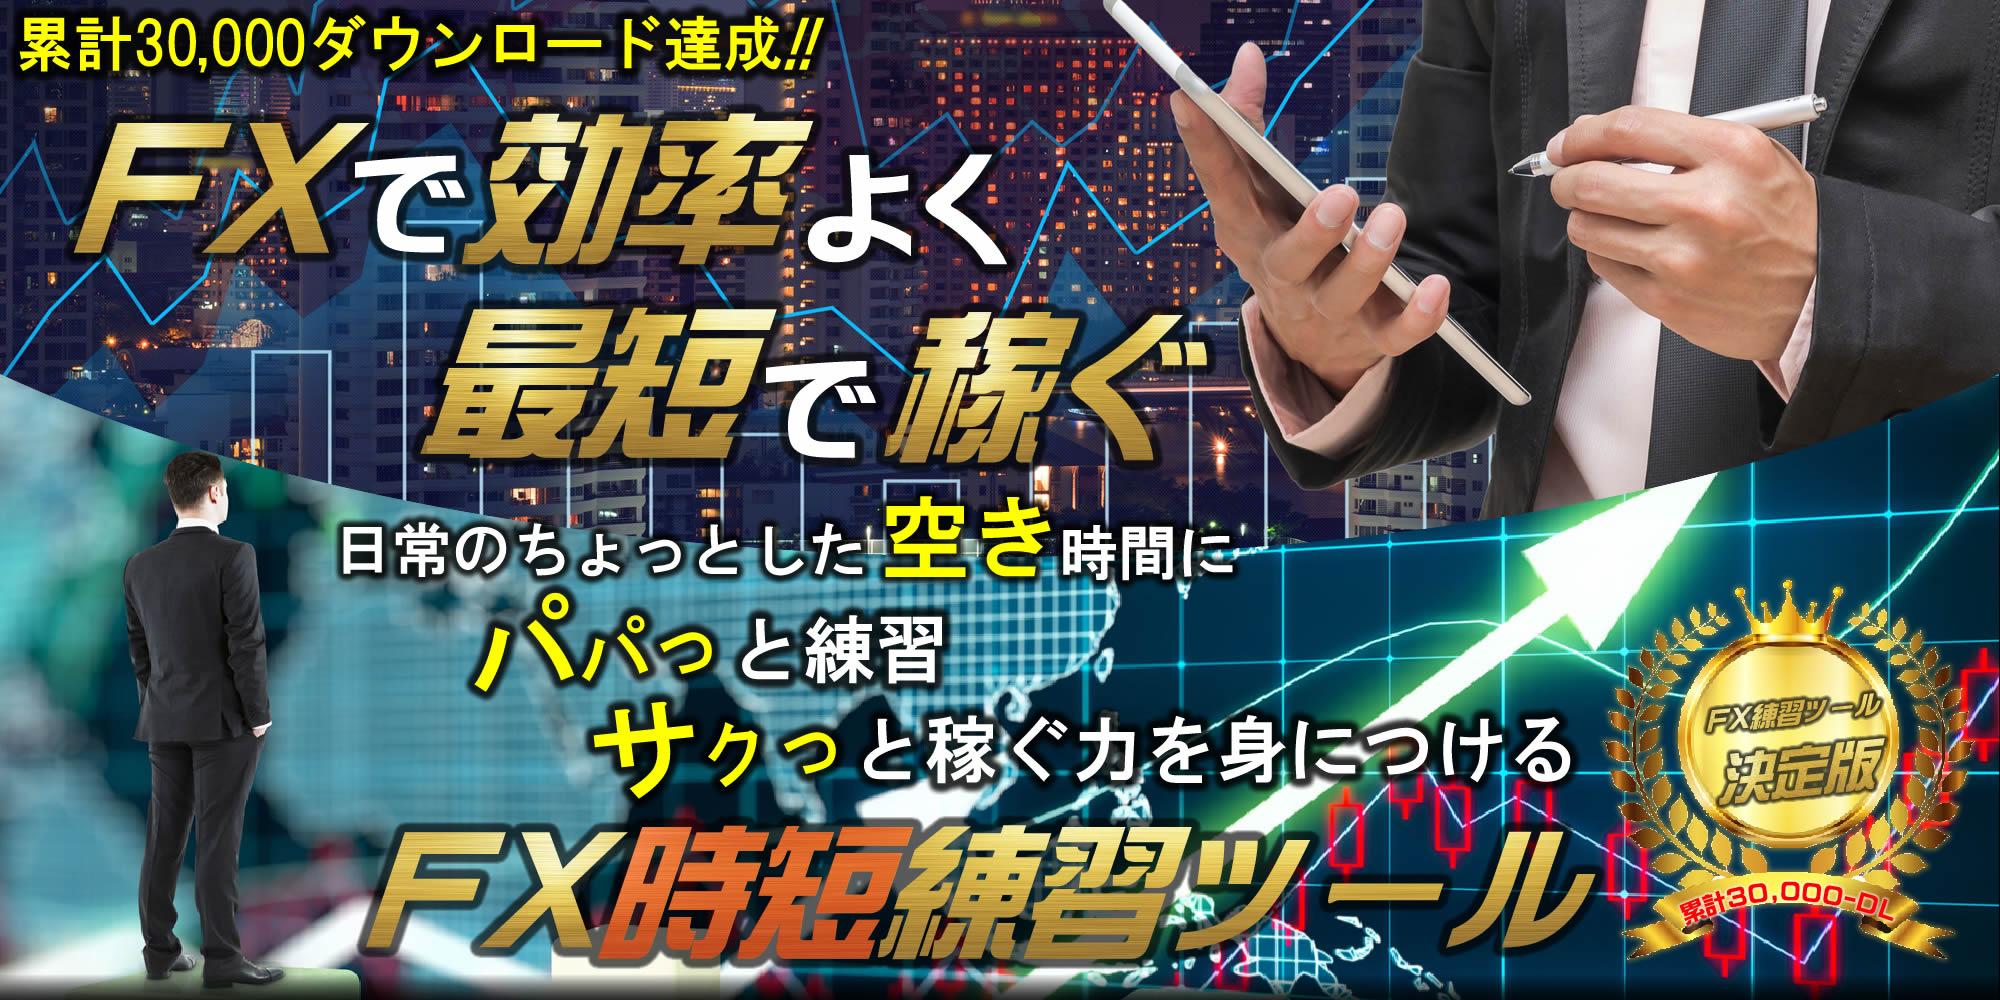 【増田翔一】MT4裁量トレード練習君プレミアムは本当に稼げるのか?